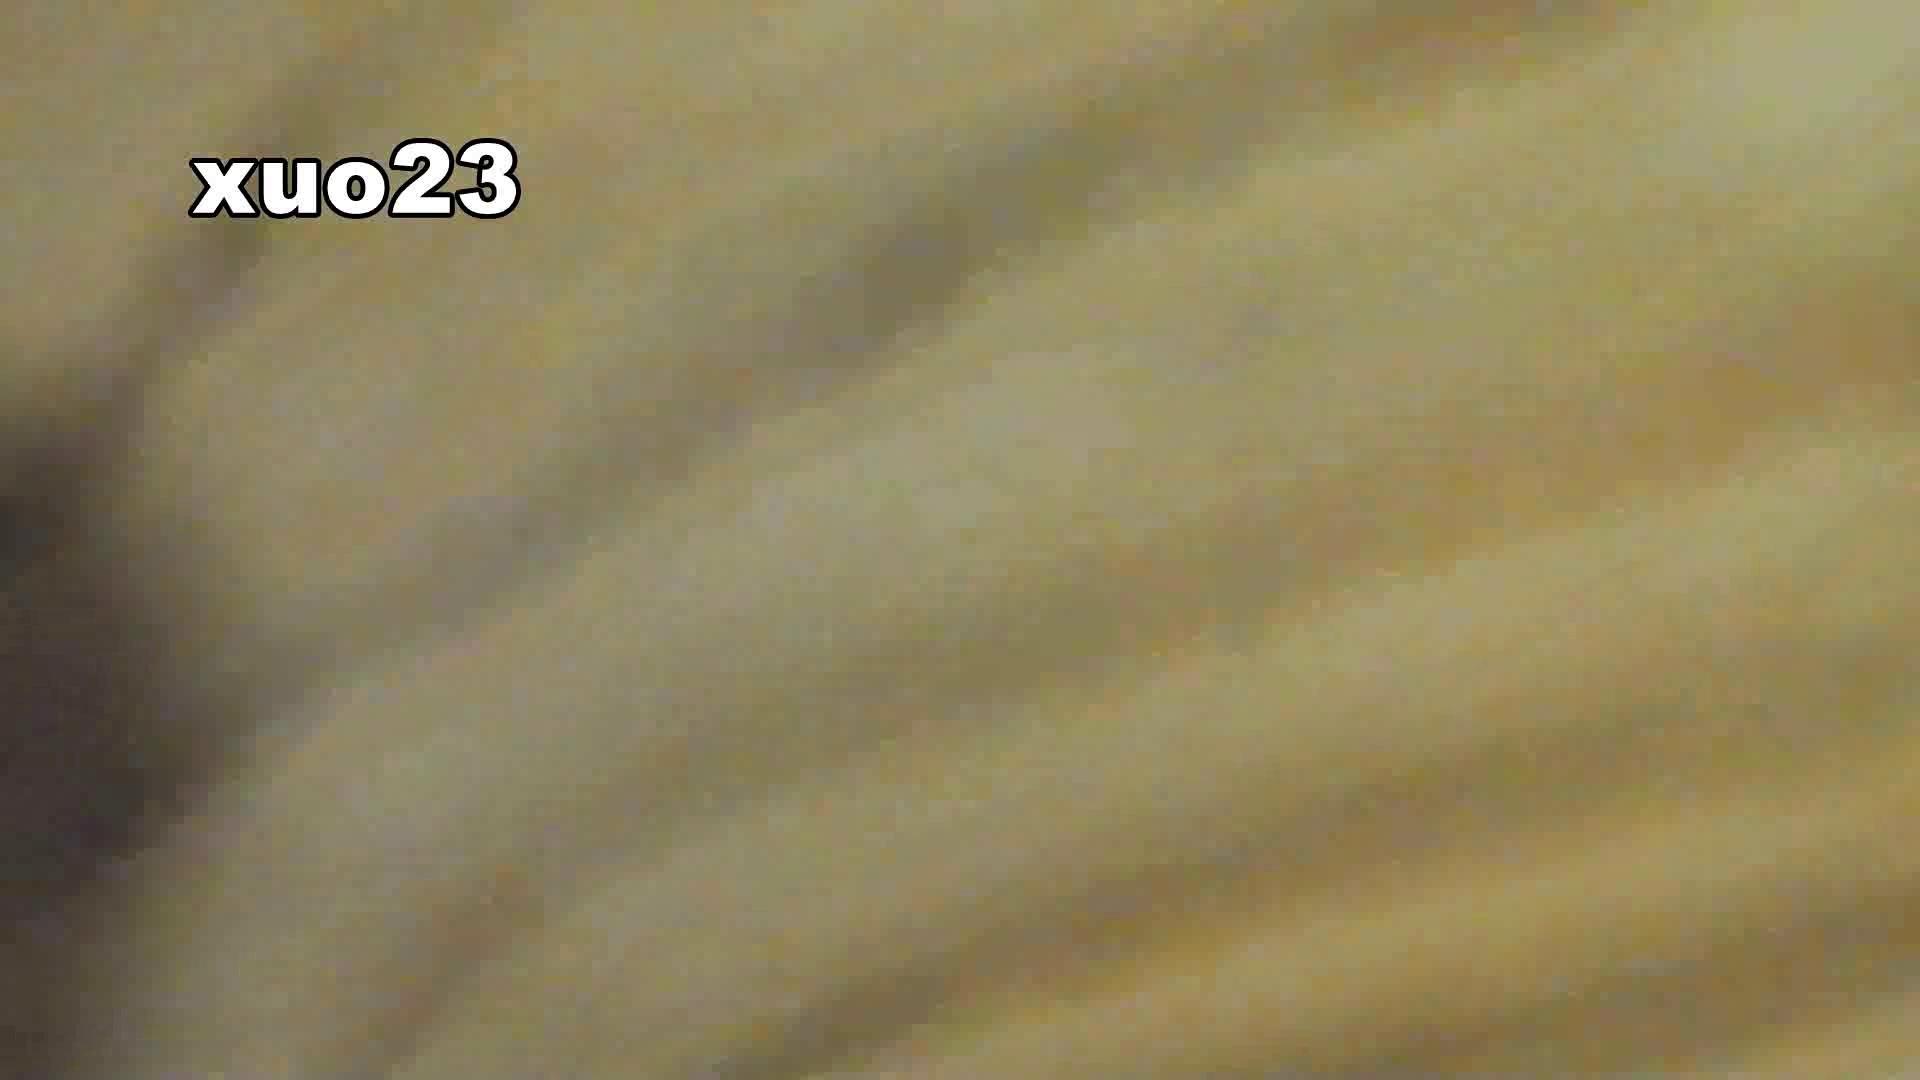 阿国ちゃんの「和式洋式七変化」No.23 飛び出す勢いで大きく8回振ります 洗面所 AV動画キャプチャ 75画像 65